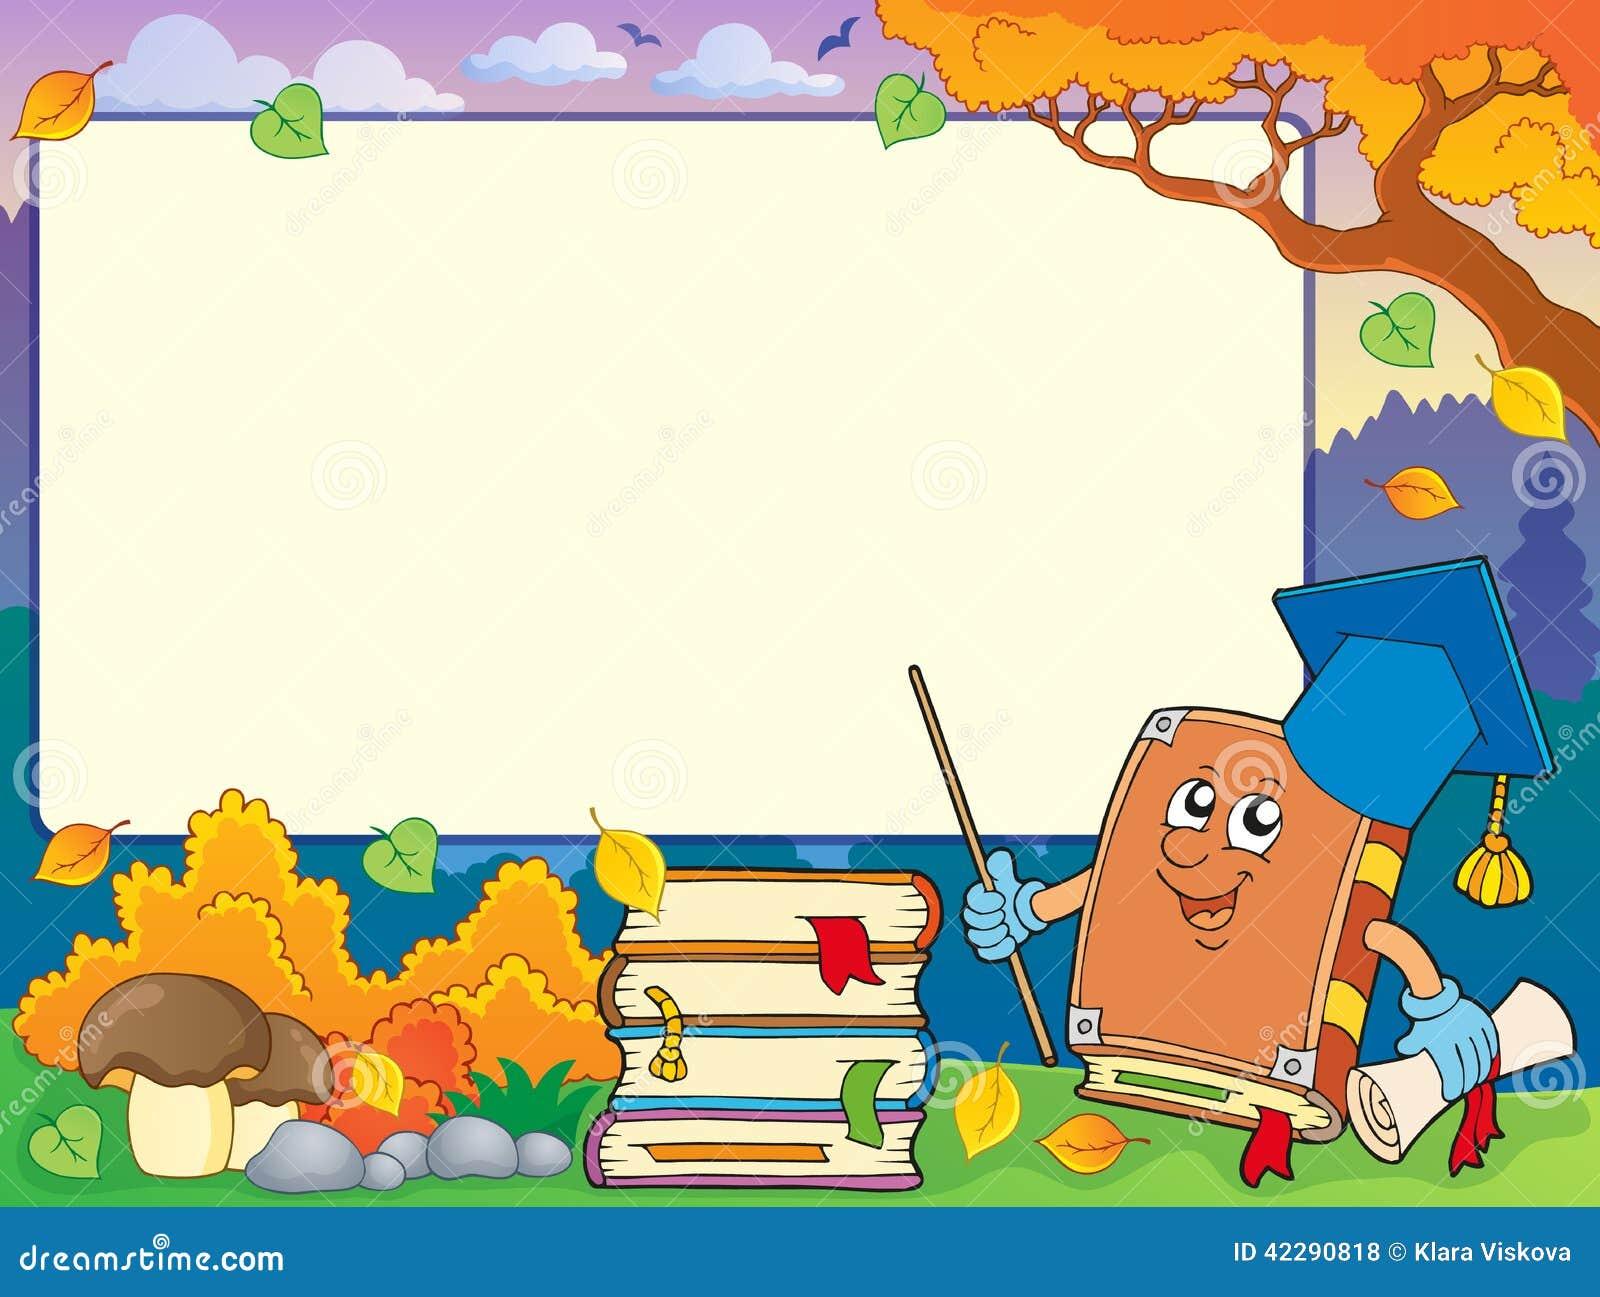 ppt 背景 背景图片 边框 模板 设计 相框 1300_1071图片